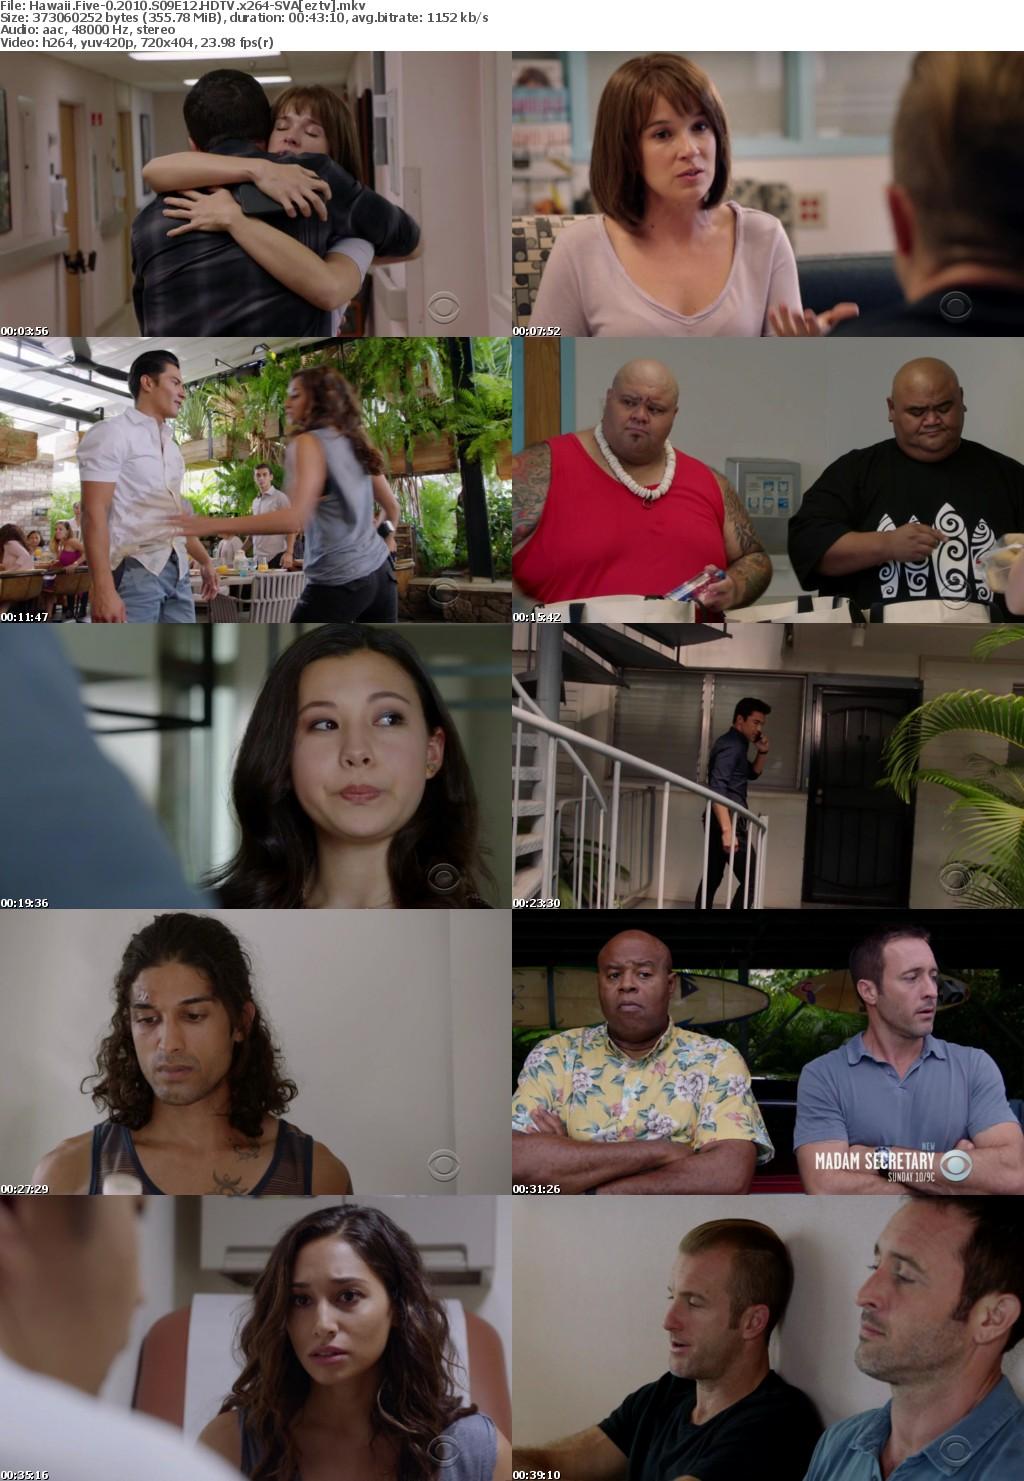 Hawaii Five-0 (2010) S09E12 HDTV x264-SVA